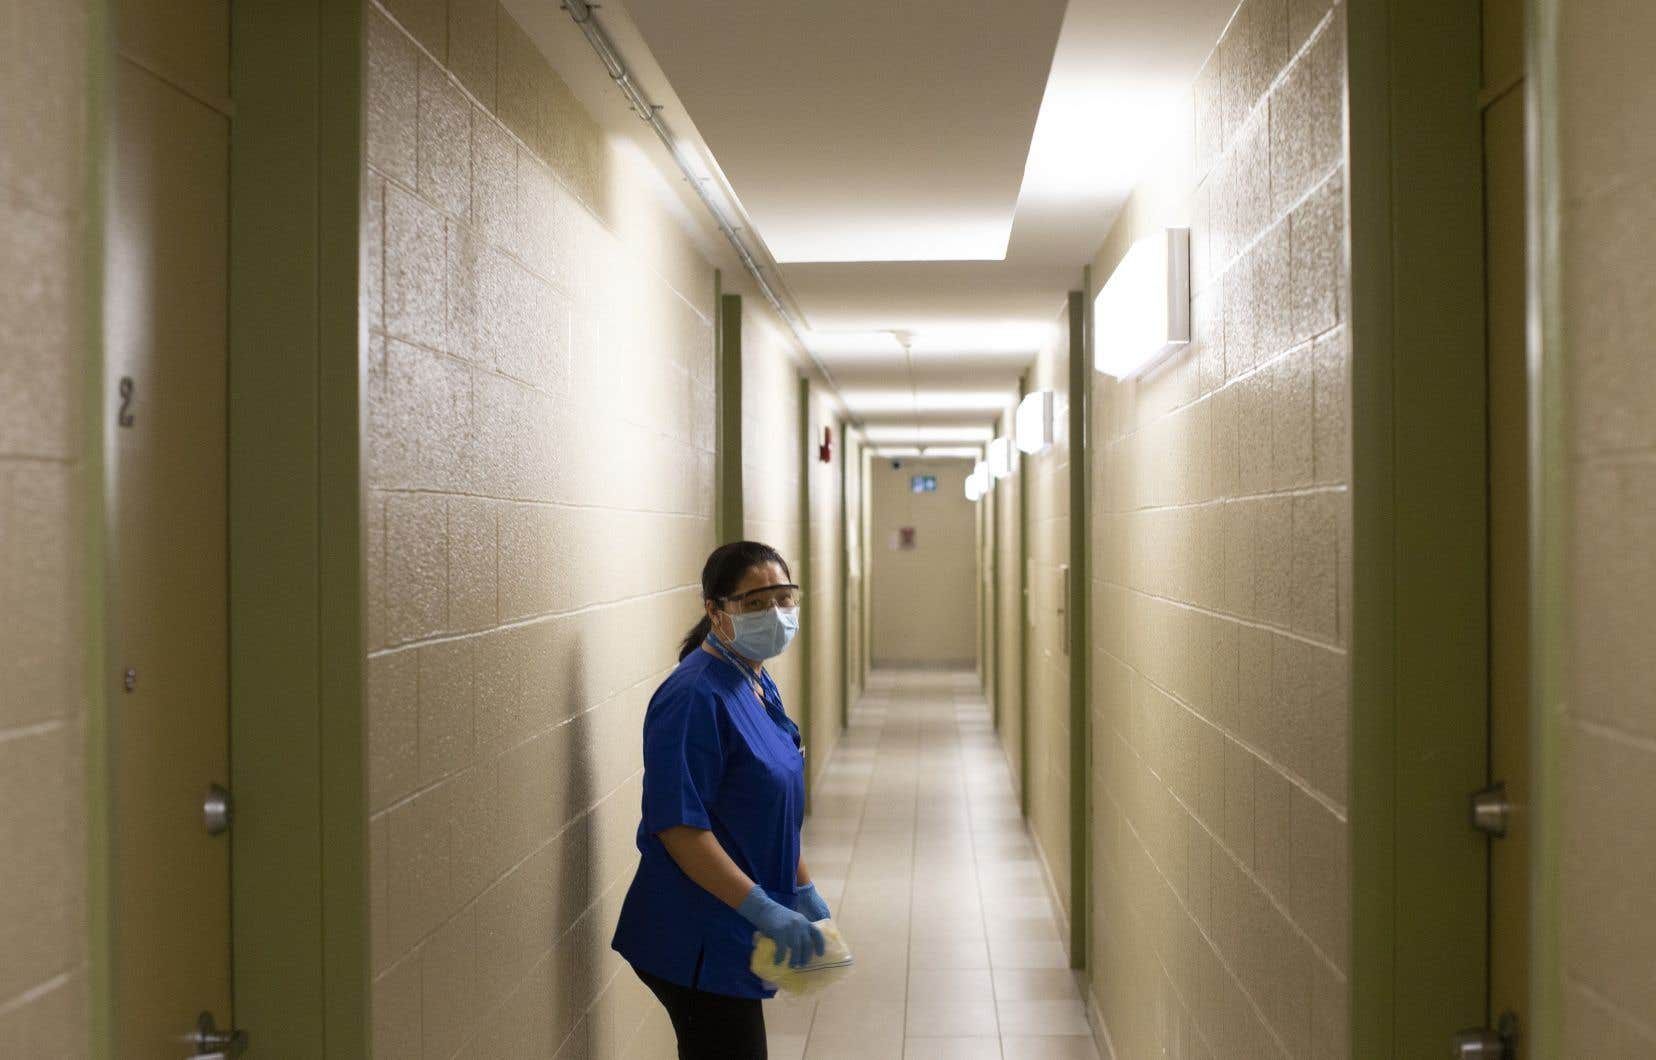 Plus de 80% des quelque 4500 décès liés à la COVID-19 au Canada sont survenus dans des établissements de soins de longue durée.